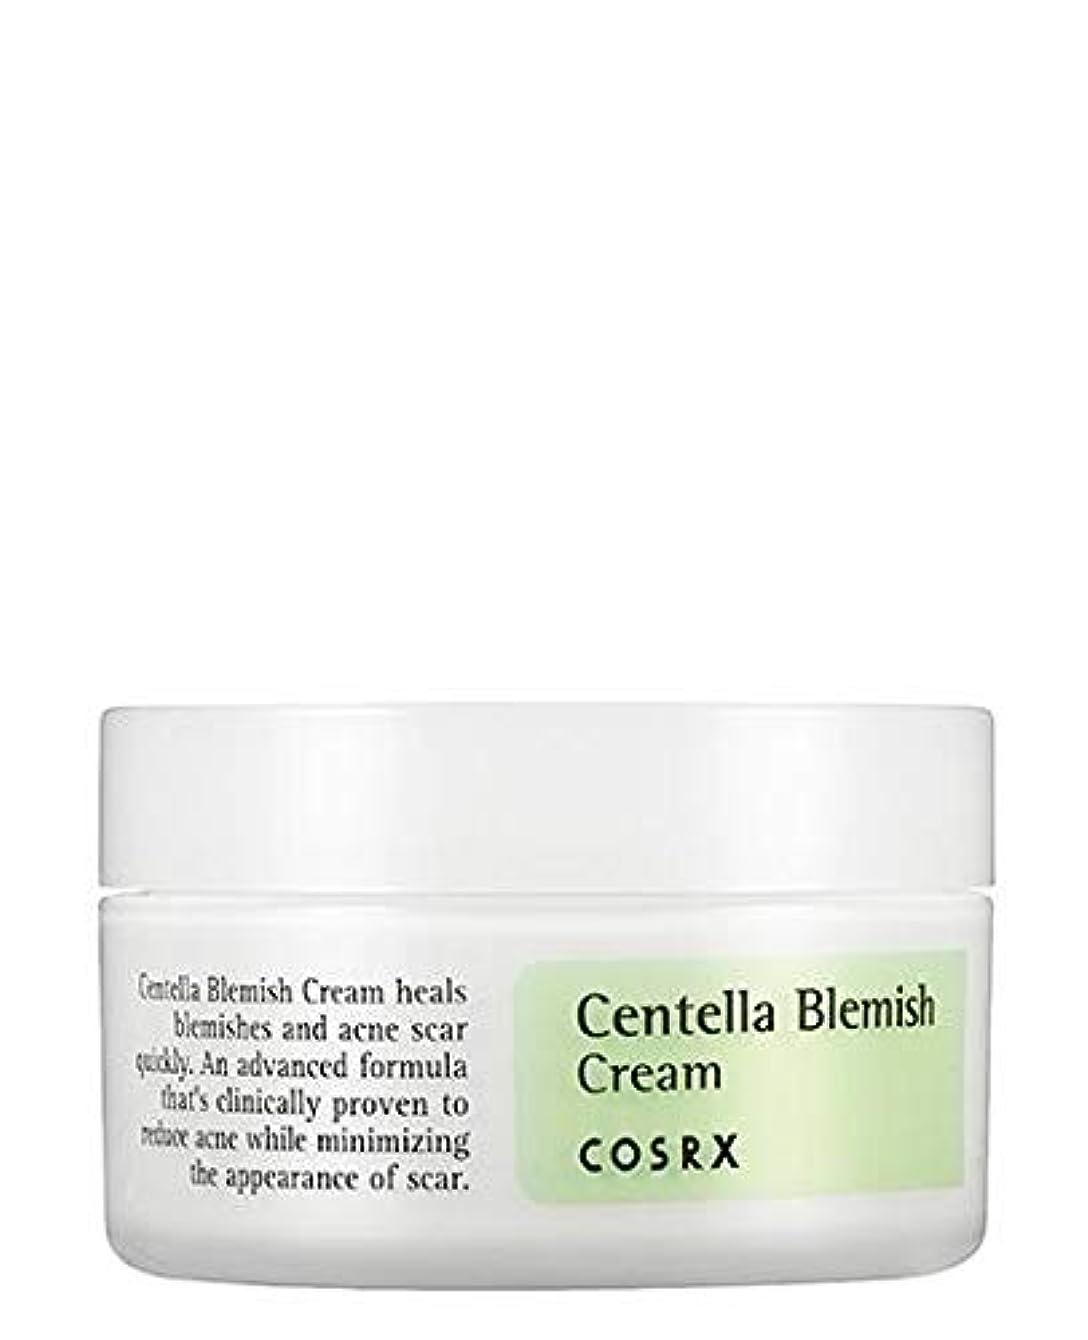 急勾配の腹痛地平線COSRX Centella Blemish Cream (並行輸入品)